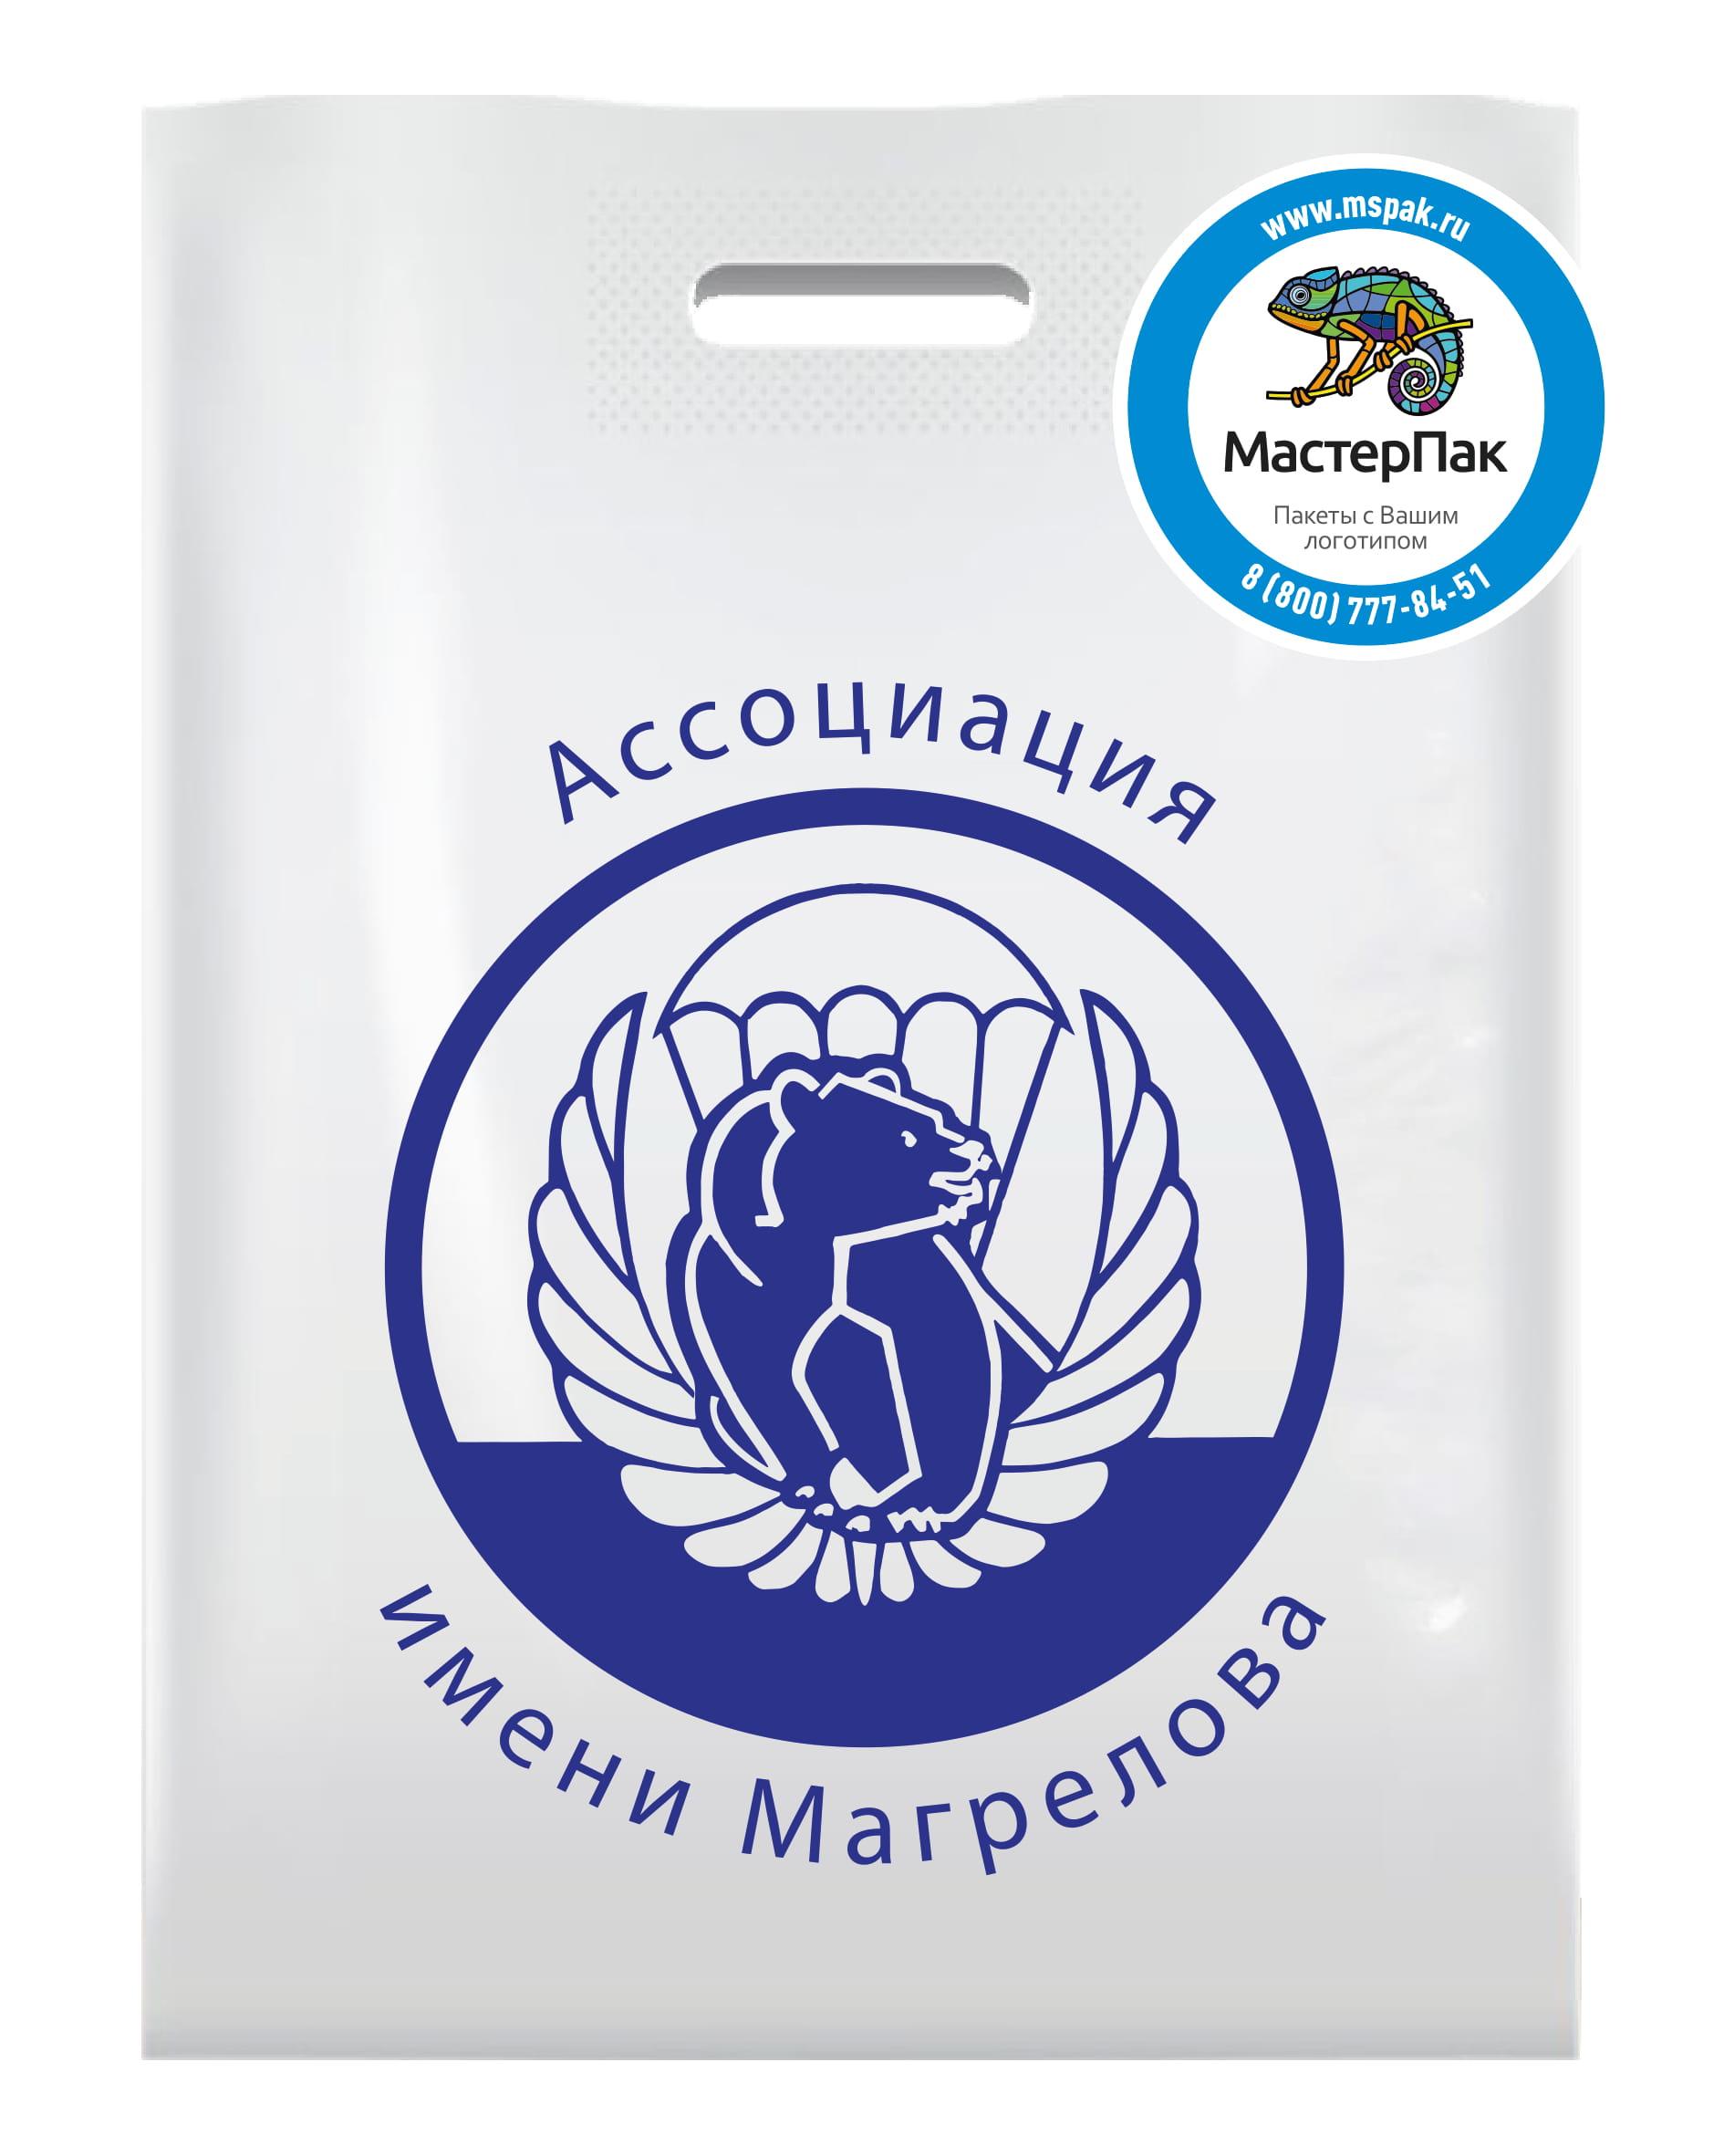 Пакет ПВД с логотипом Ассоциация имени Магрелова, вырубная ручка, 70 мкм, 30*40